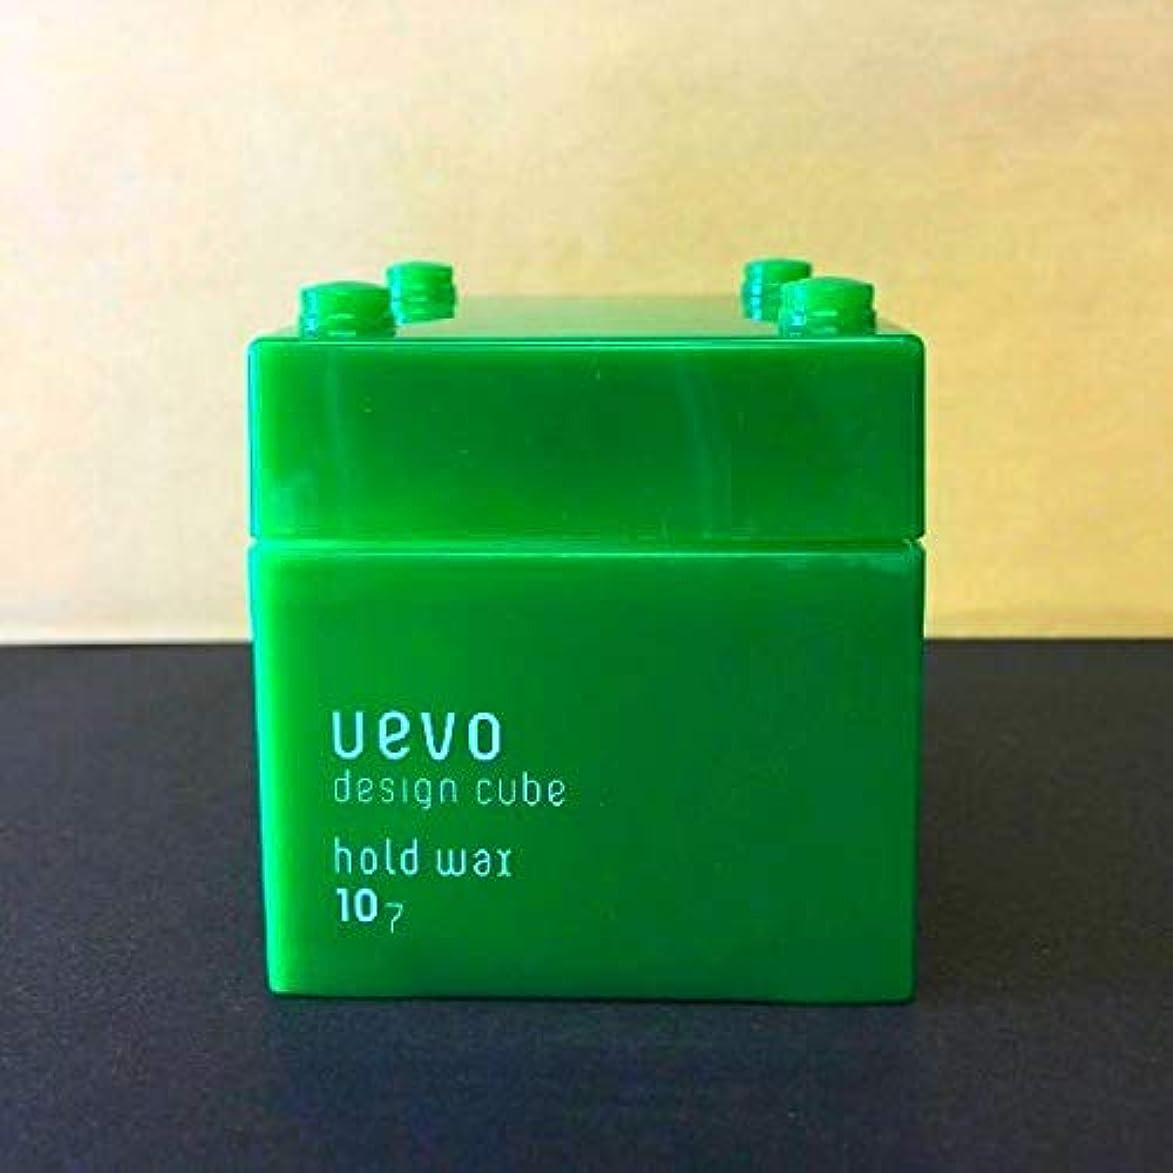 帳面クッション連鎖【X3個セット】 デミ ウェーボ デザインキューブ ホールドワックス 80g hold wax DEMI uevo design cube